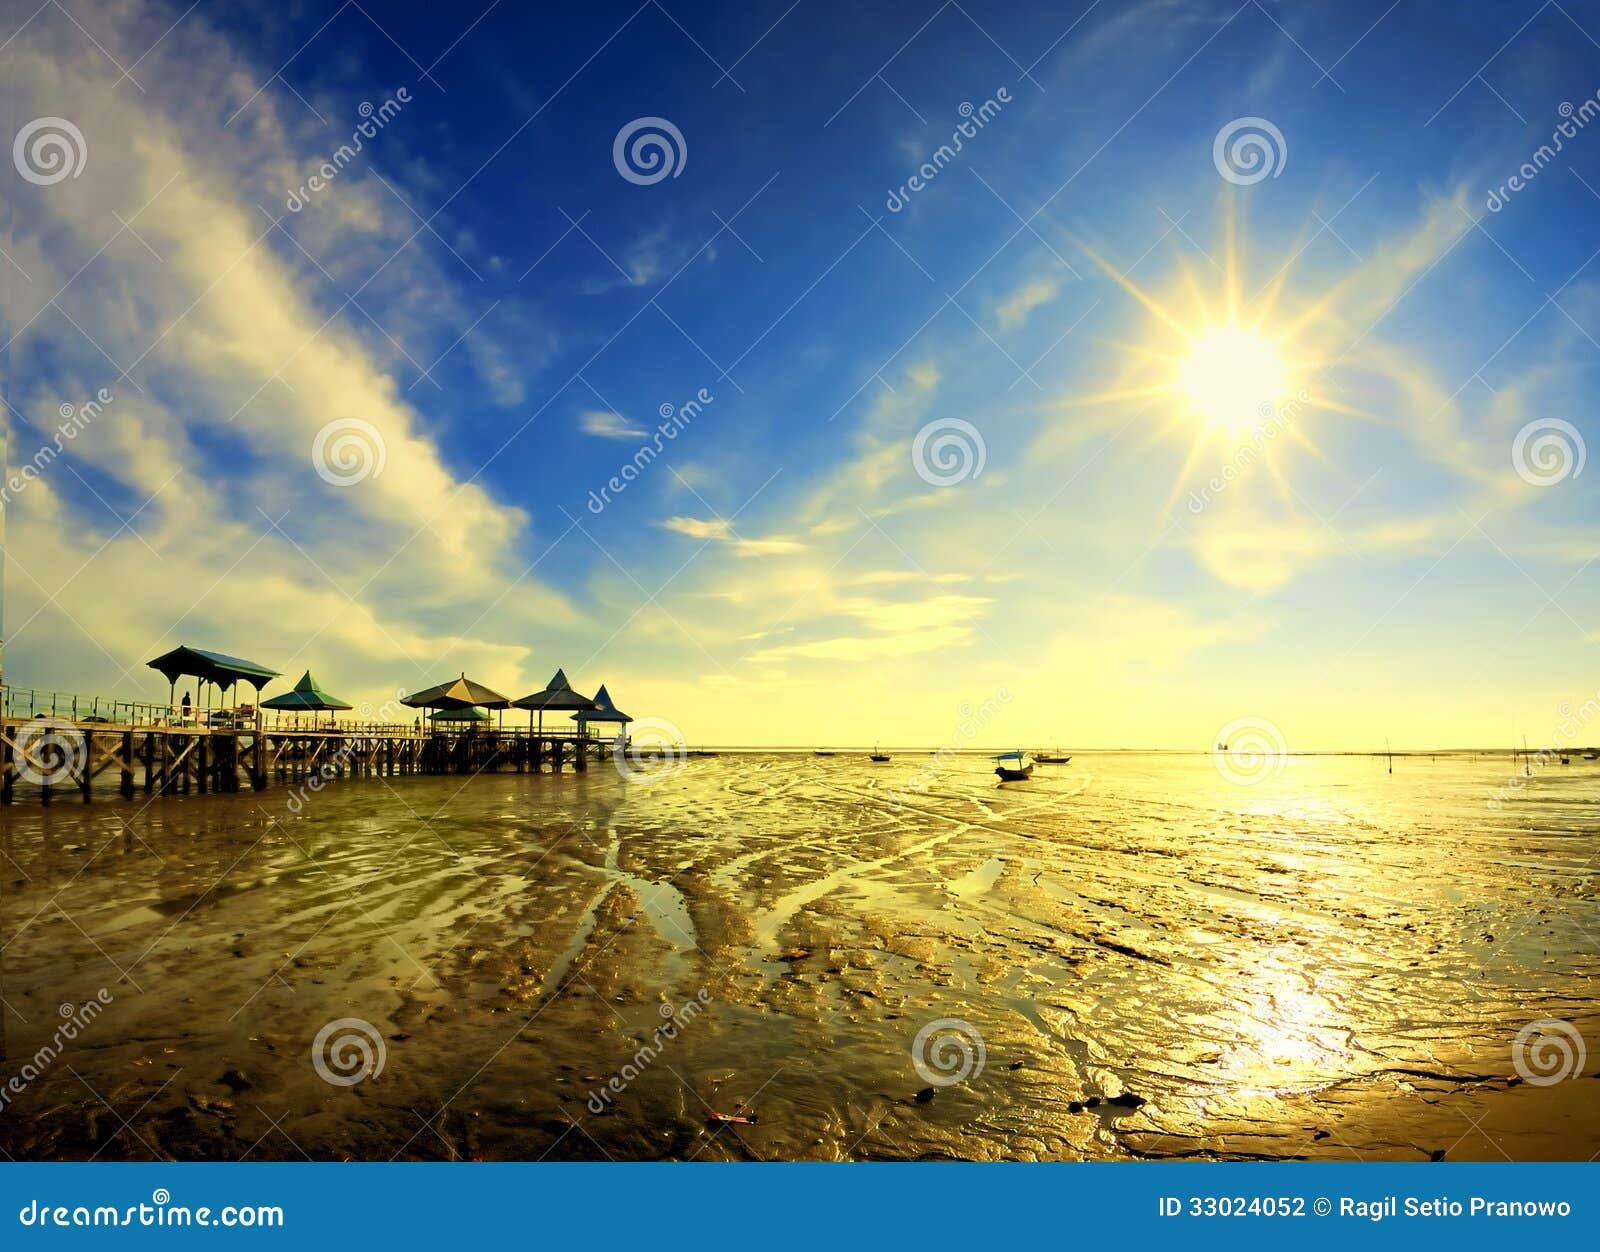 在早晨的太阳星在后退海岸图片